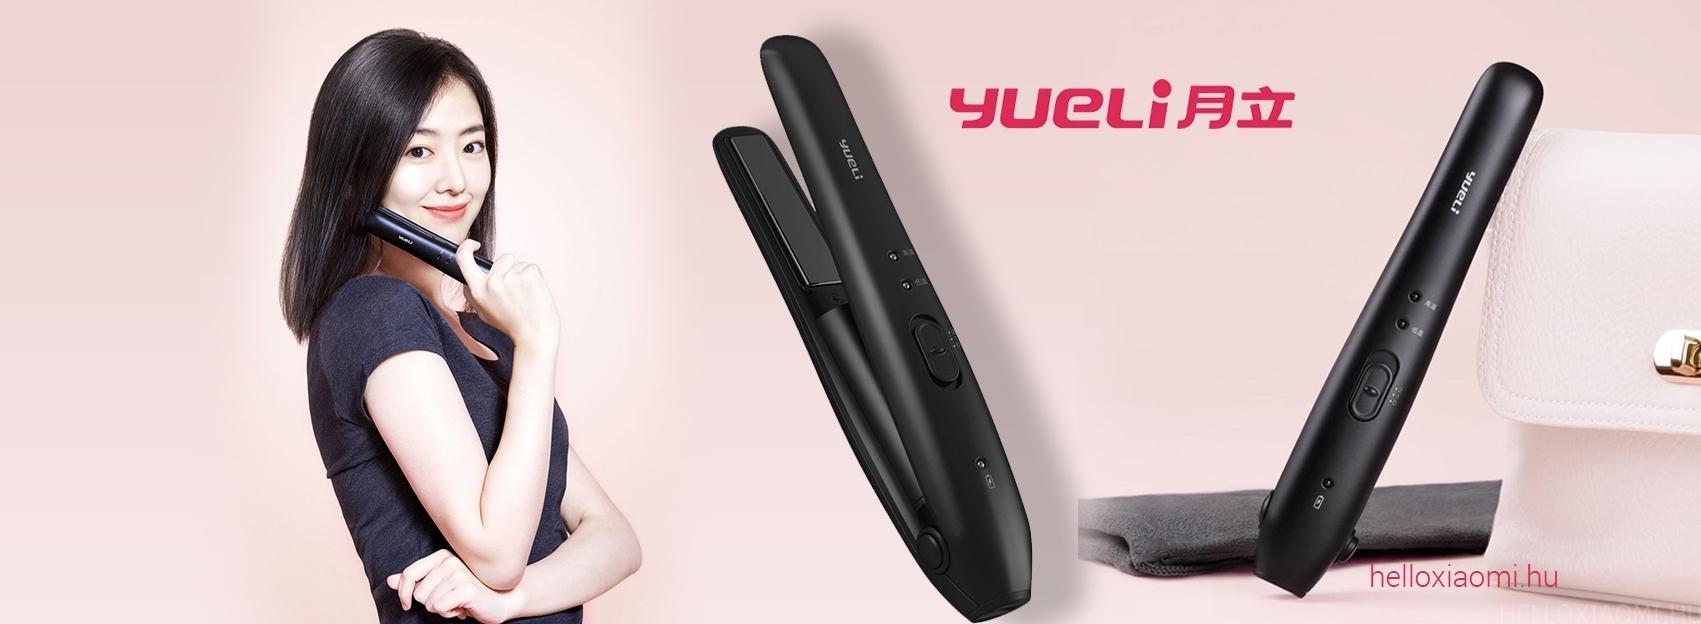 A hölgyeket kényezteti a Xiaomi – Yueli vezeték nélküli hajvasaló bemutató 6f0d2bd1a8